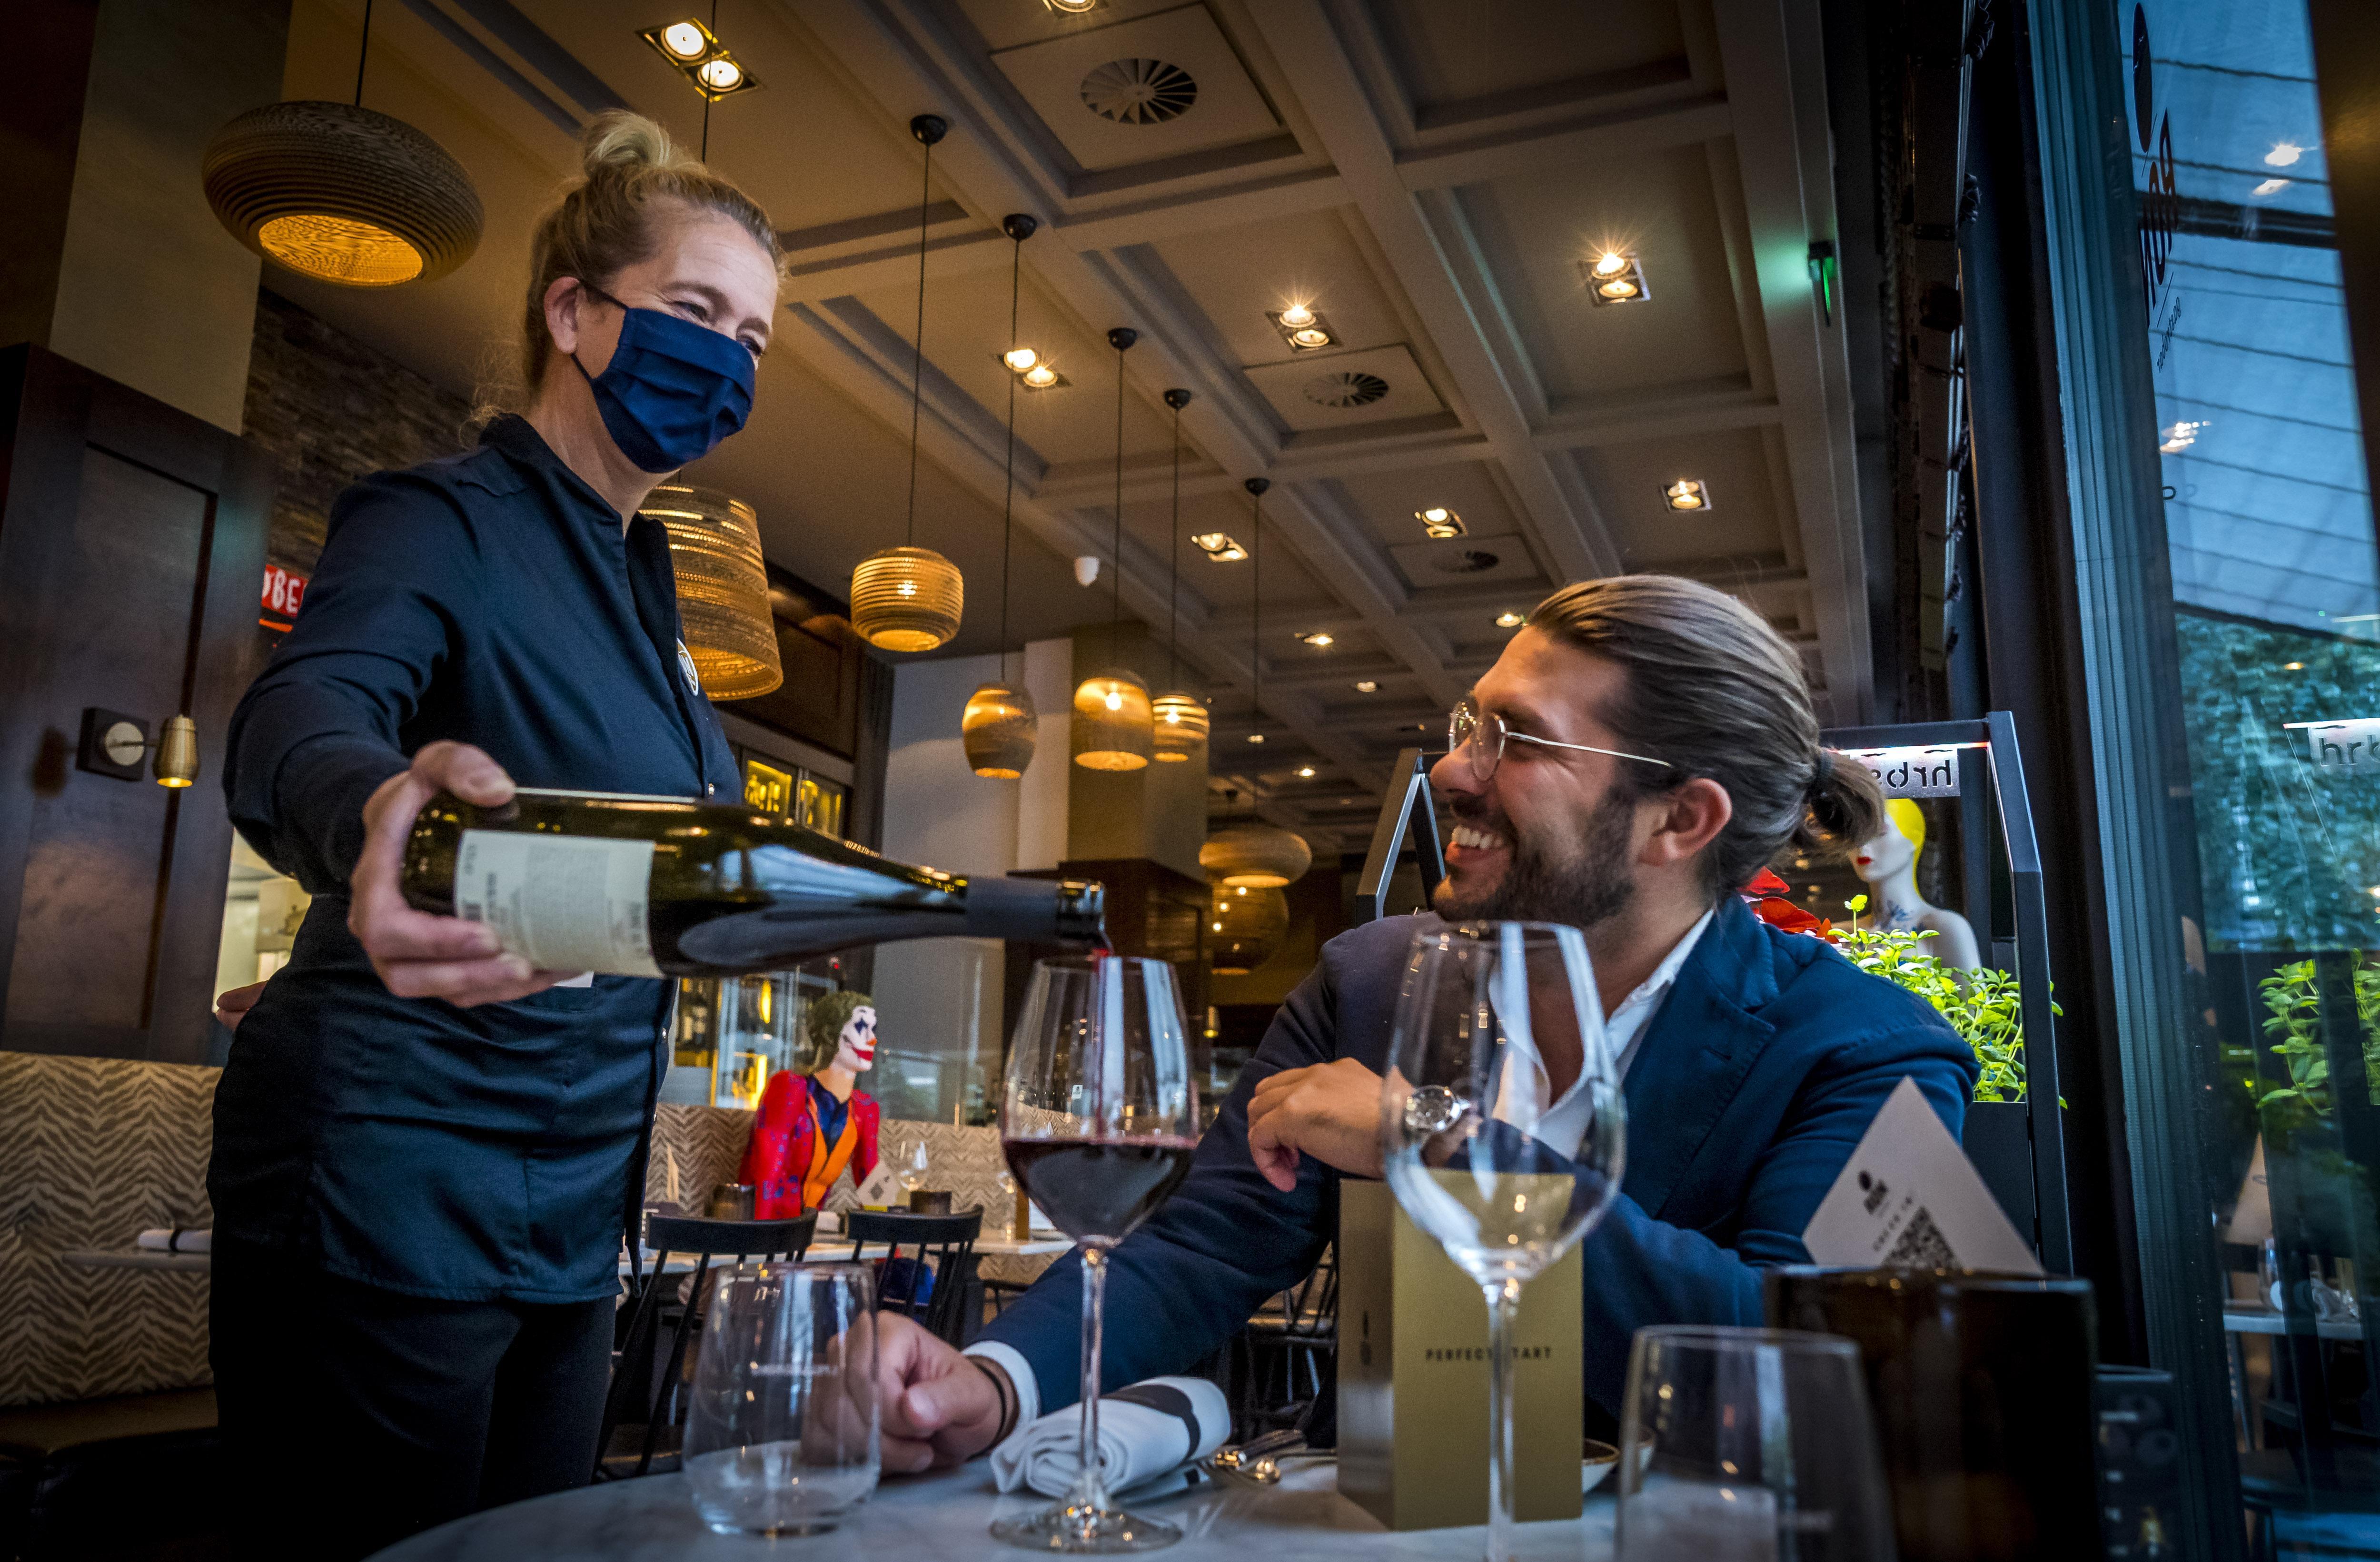 Nieuwe maatregelen raken cafés en zalencentra IJmond: de zoveelste domper voor horeca in korte tijd, zelfs de lokale kaartclub belt af